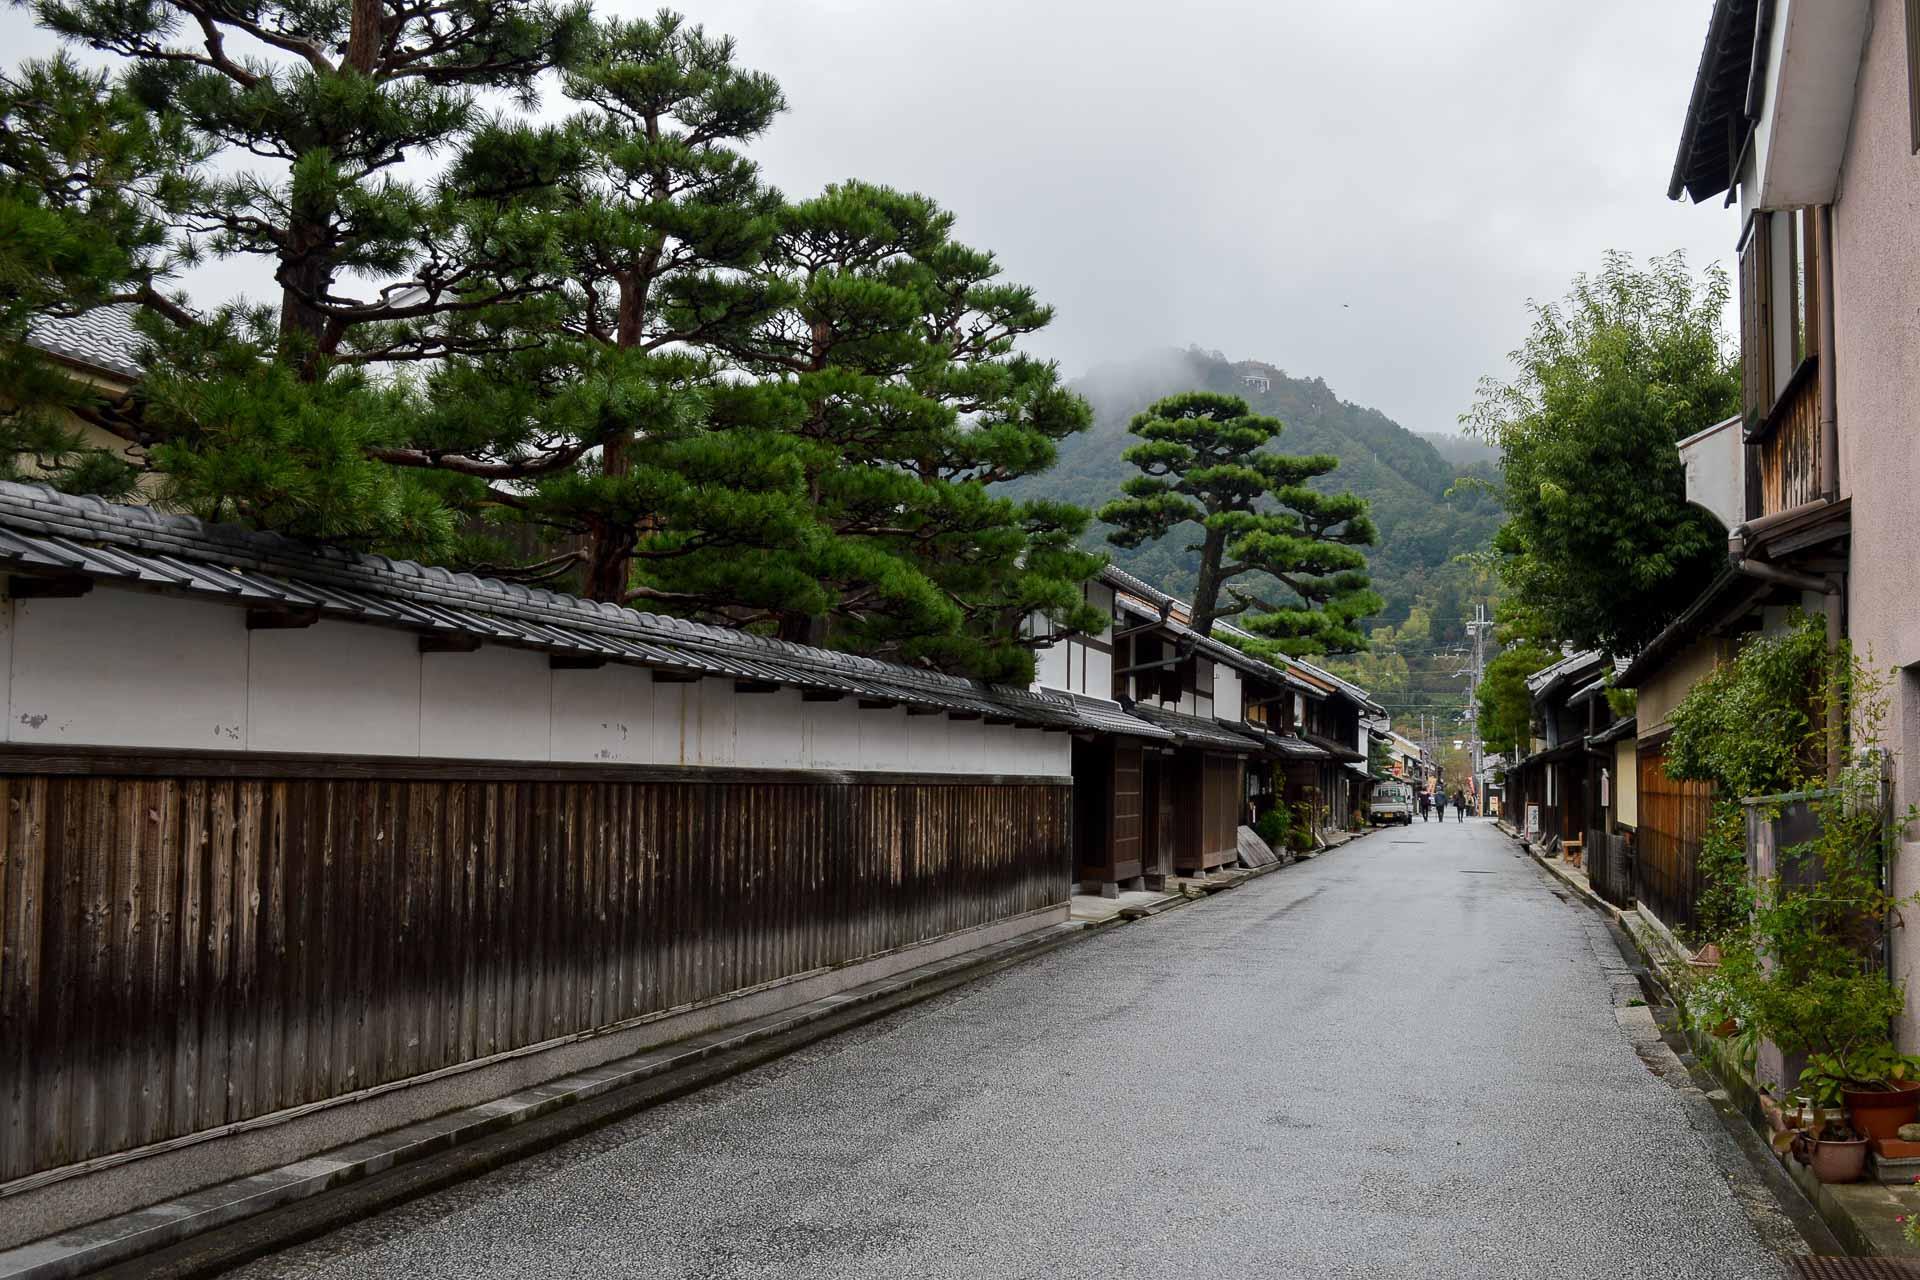 Àu-dessus de chaque entréen un pin mikoshino matsu, « qui regarde au dehors », a sa première branche basse toujours dirigée vers la rue.